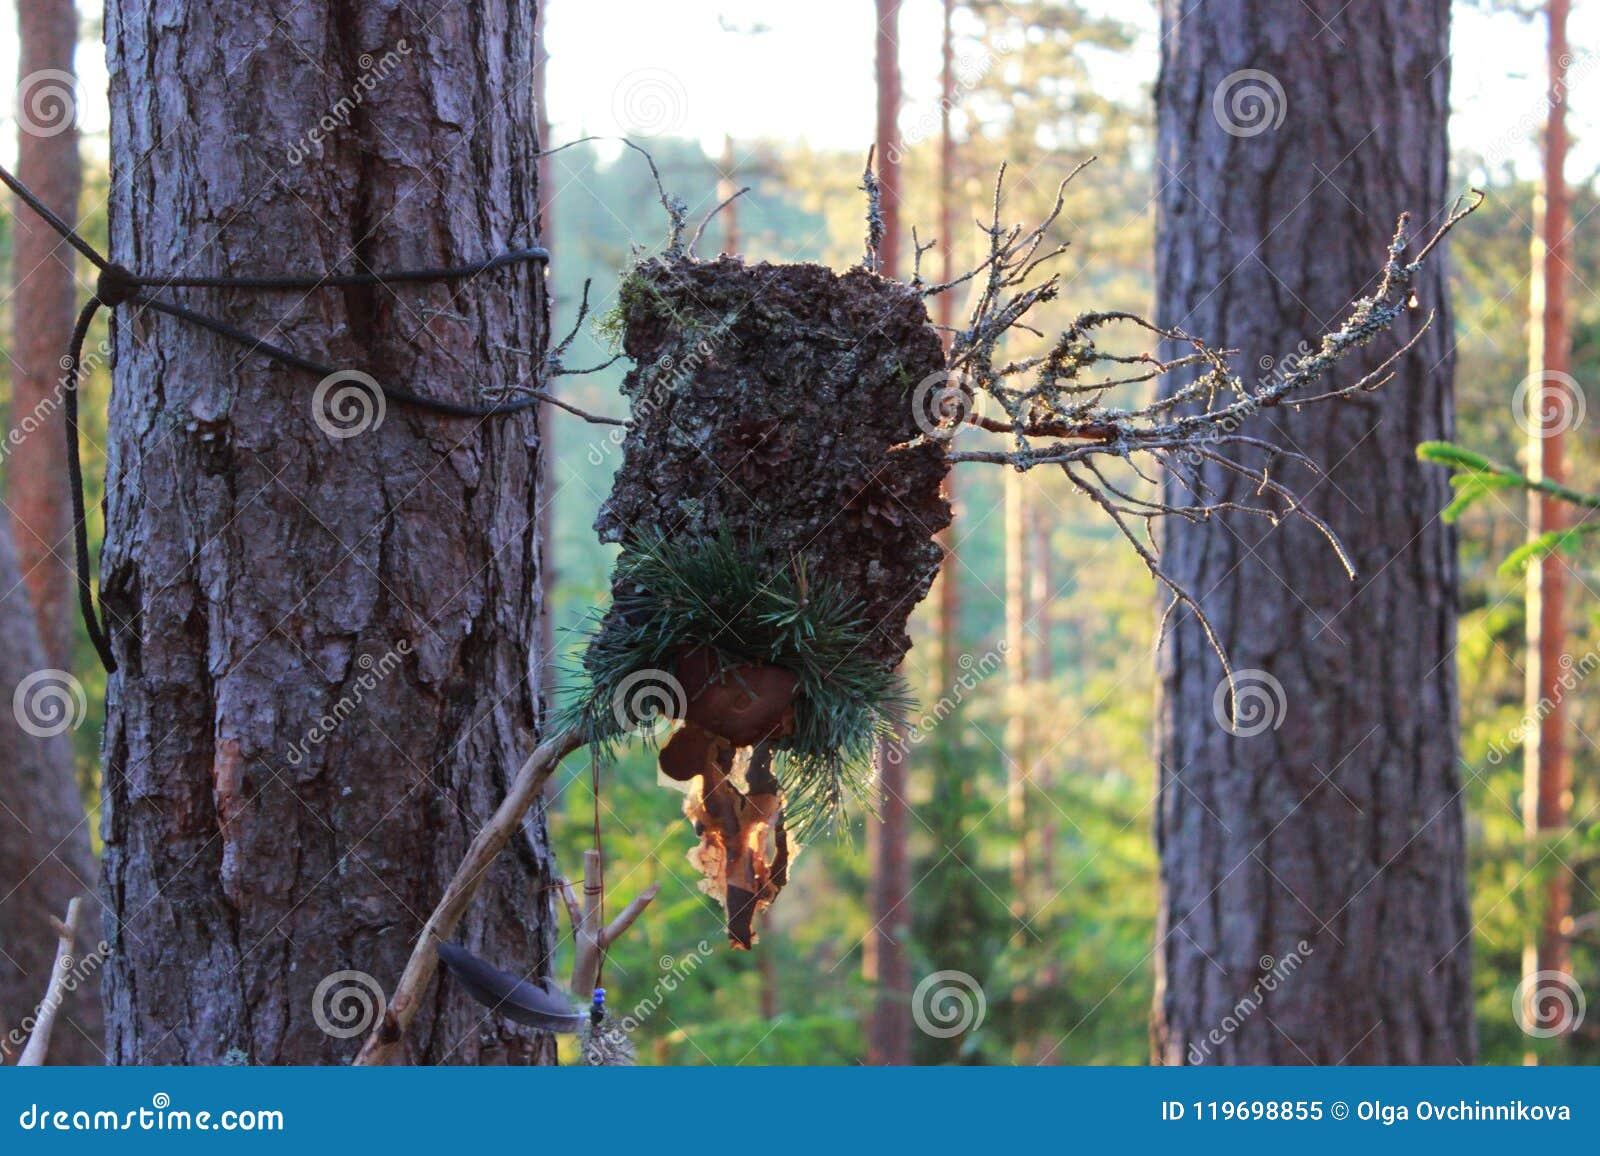 Un ídolo del bosque de los conos del palillo y del pino de la corteza hechos para engatusar las bebidas espirituosas paganism